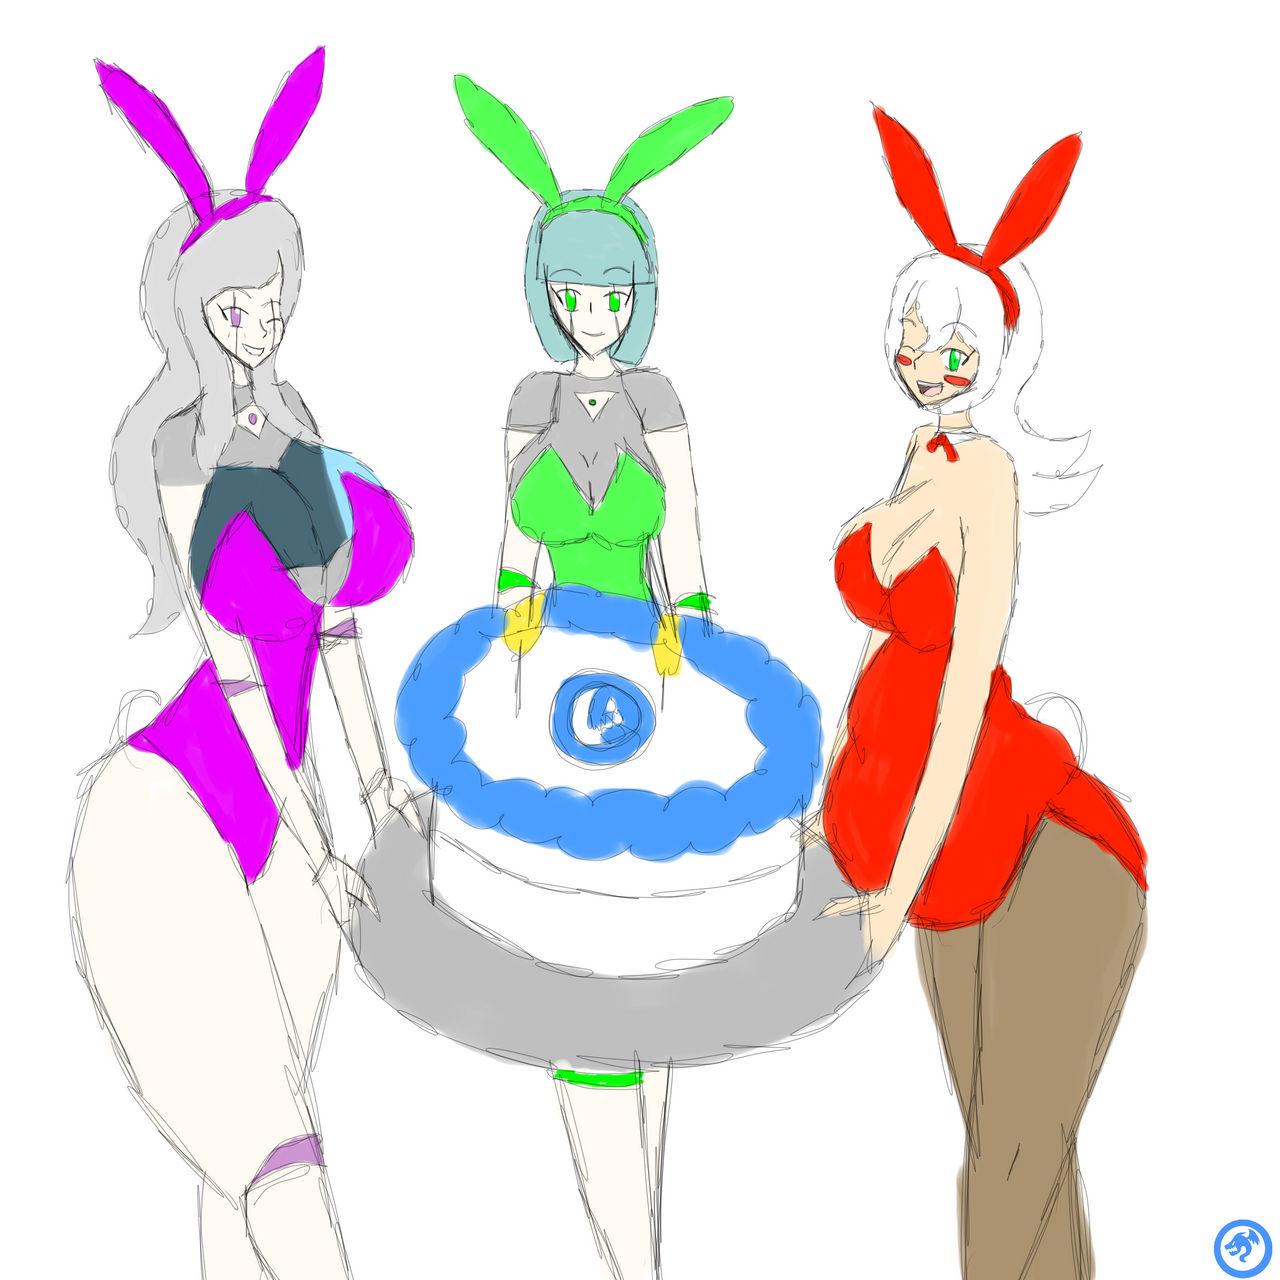 Happy Birthday DLM By DLeagueman On DeviantArt